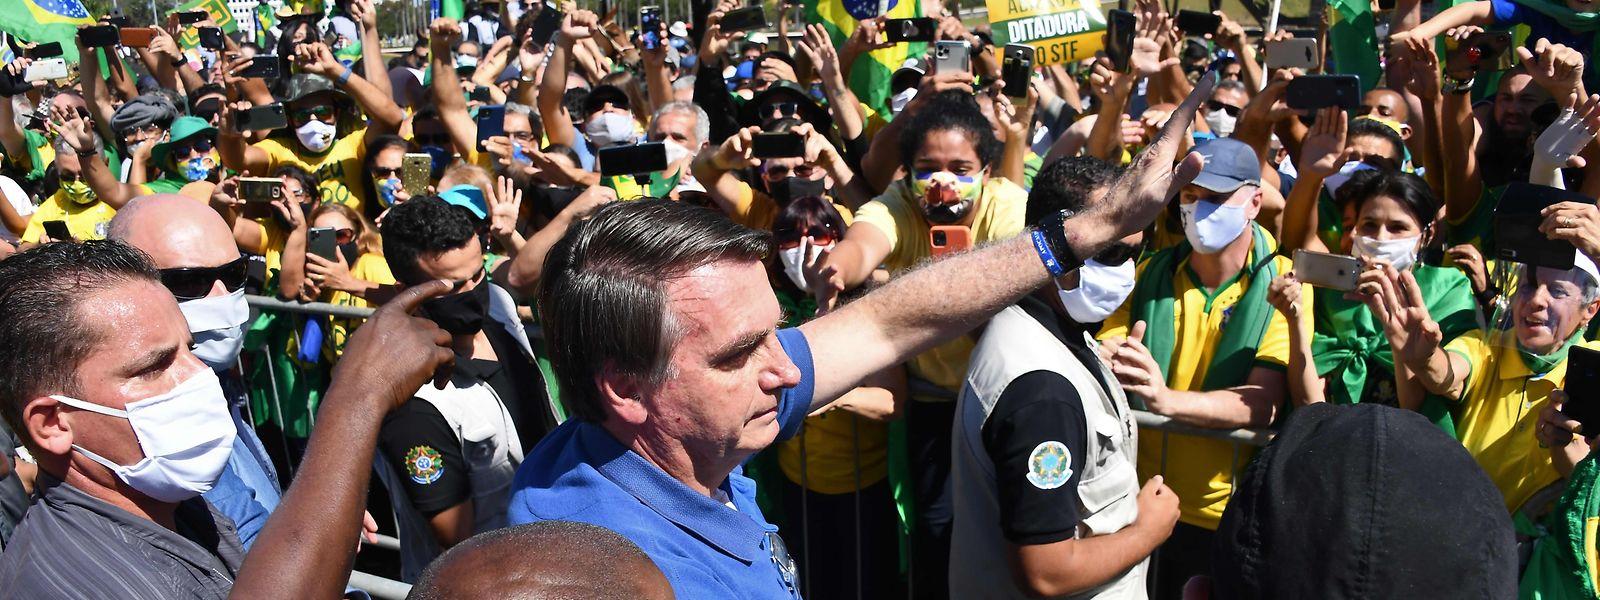 Brasiliens Präsident Jair Bolsonaro lässt sich von seinen Anhängern feiern: Von Abstandsregeln und Mundschutz hält er wenig.